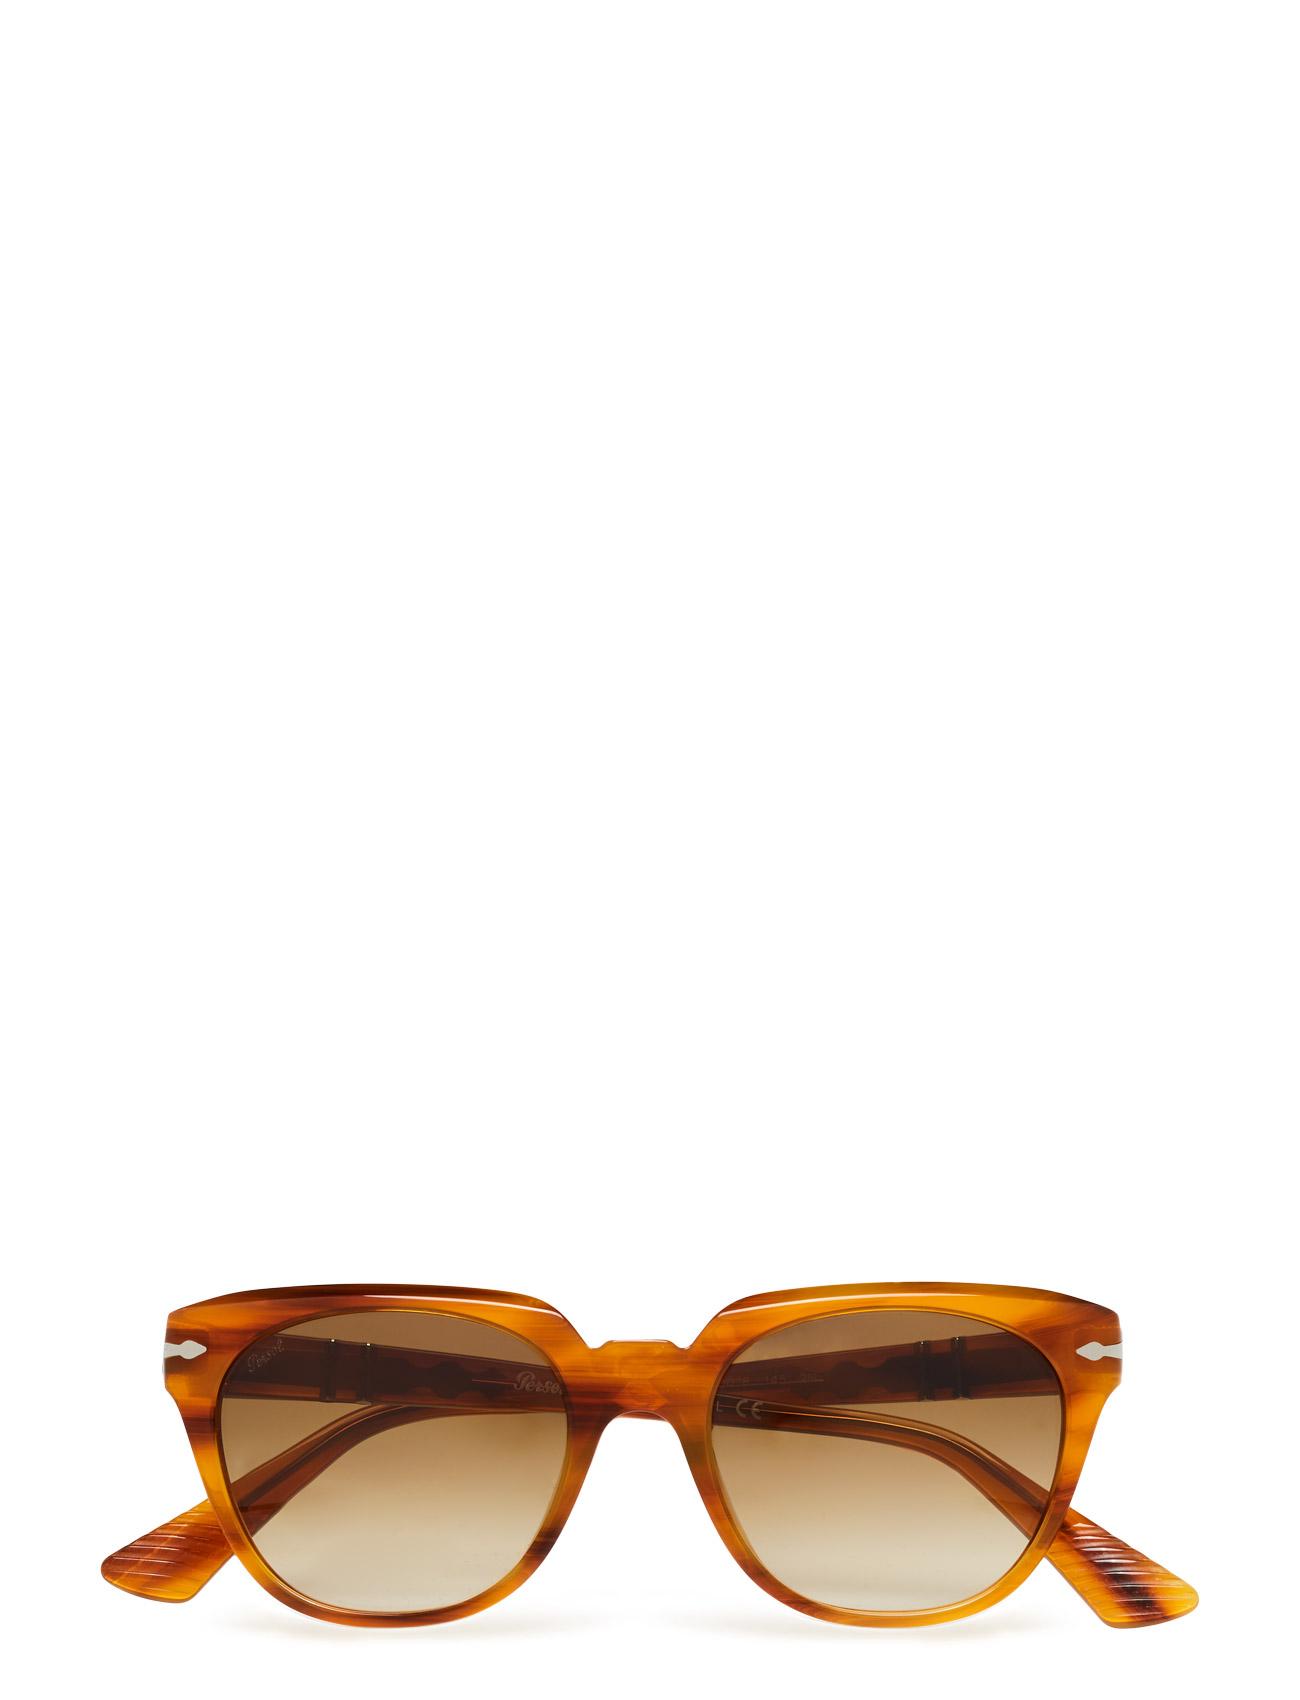 9da2f7ba73b7 Suprema Persol Solbriller til Damer i